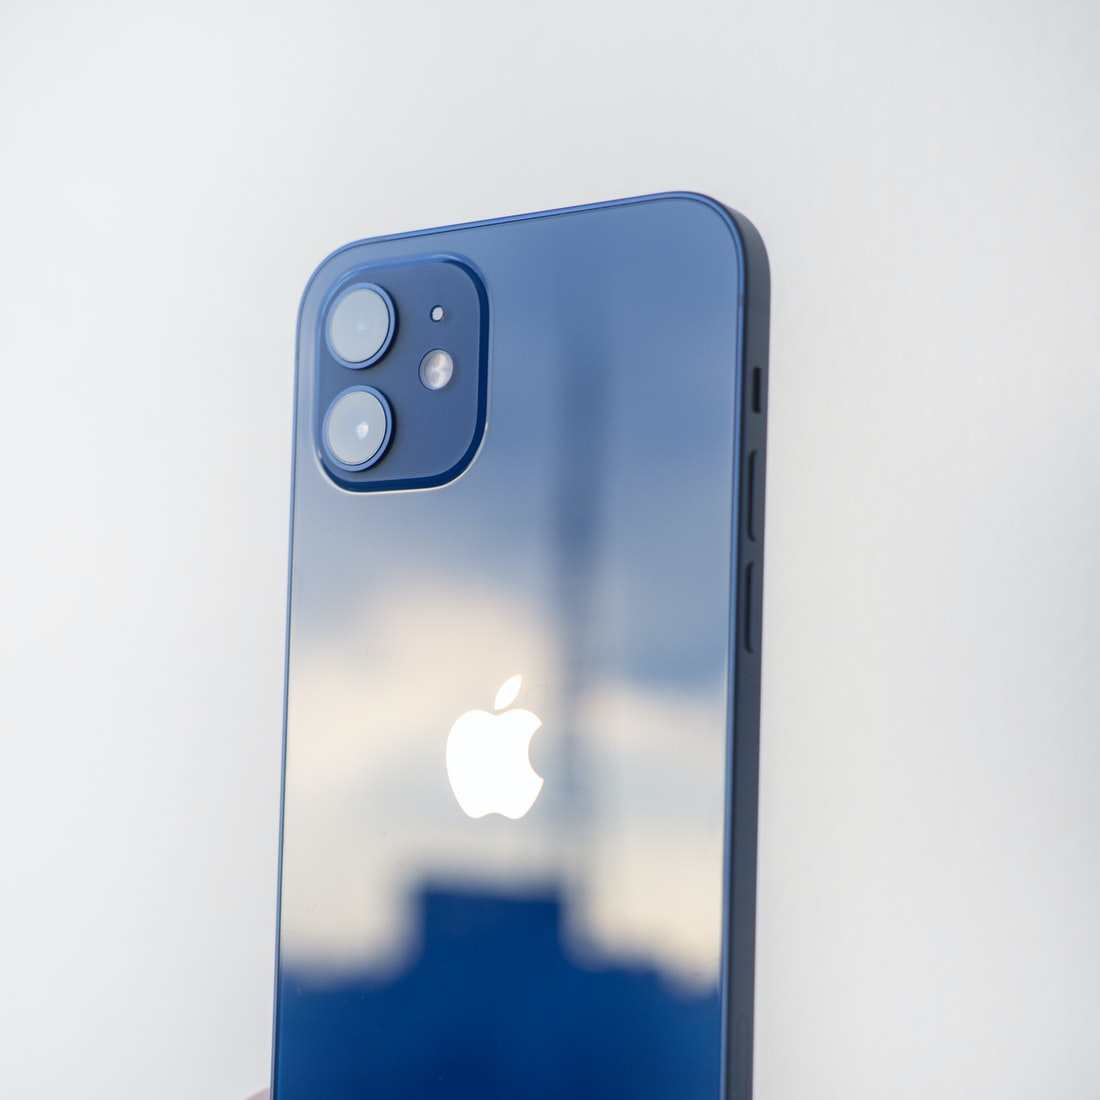 库克:iPhone 12 是最受欢迎的型号,Pro 和 Pro Max 销量也很强势